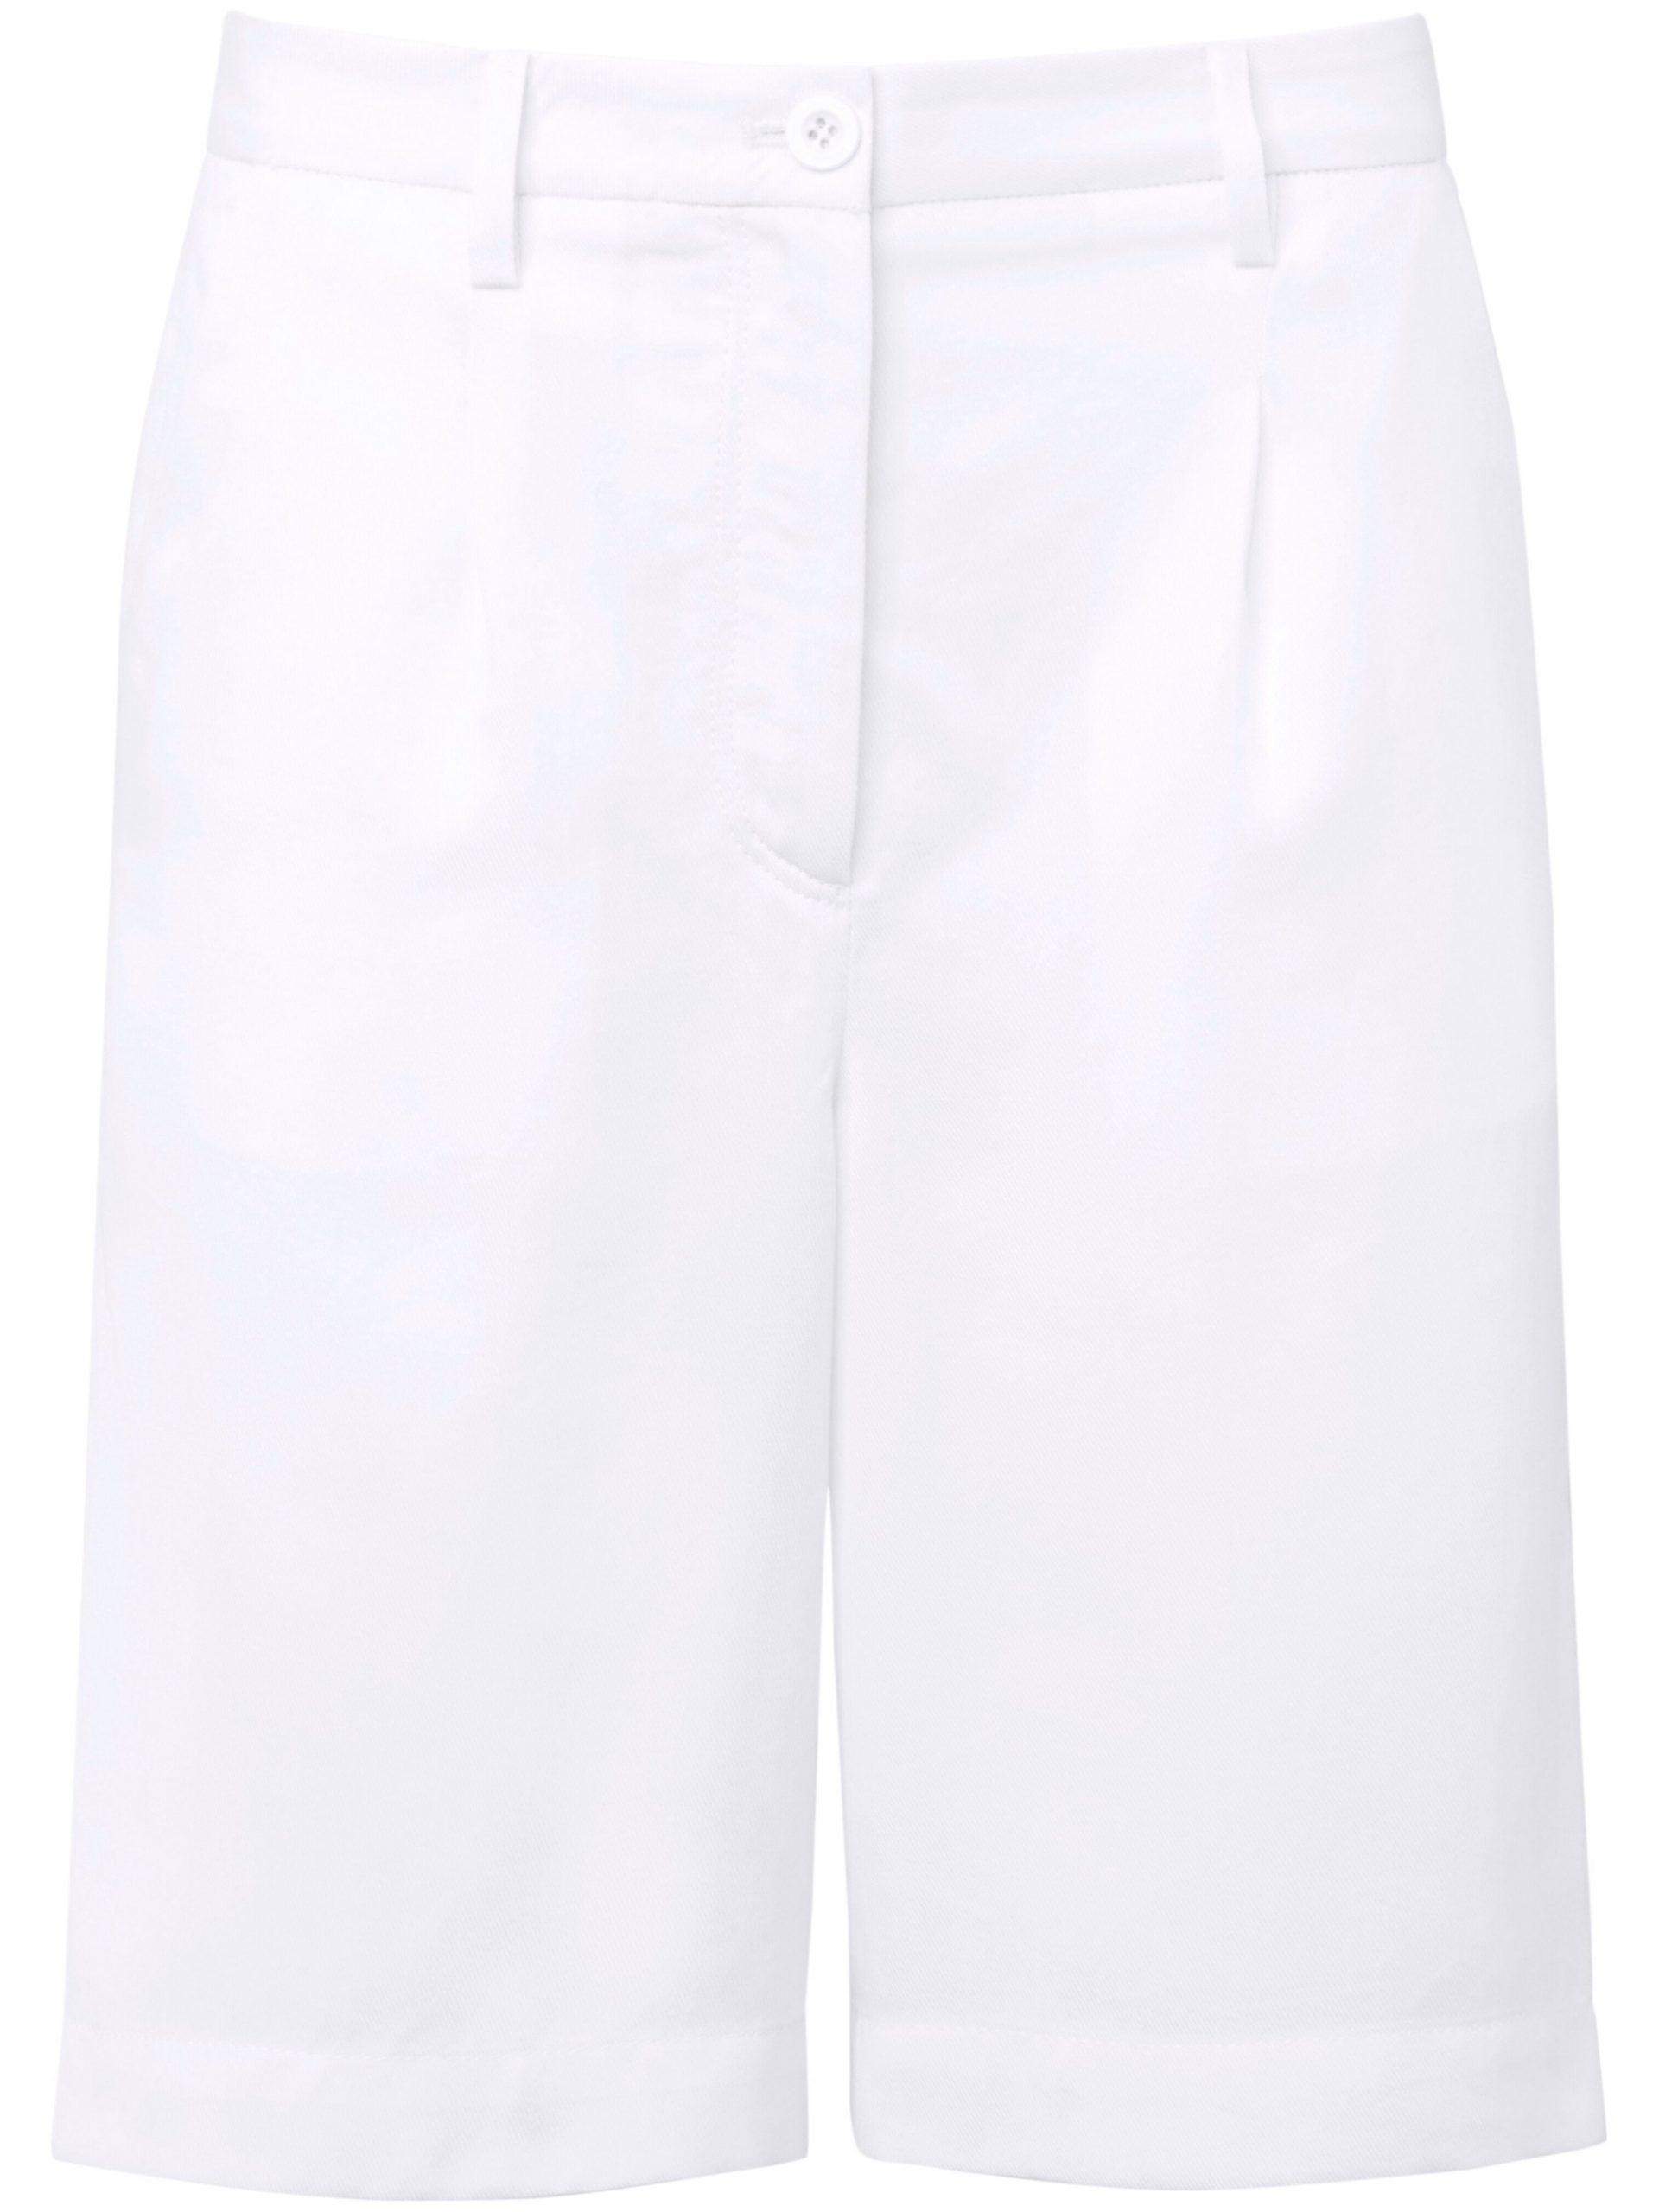 City-short van soepelvallend weefsel Van DAY.LIKE wit Kopen